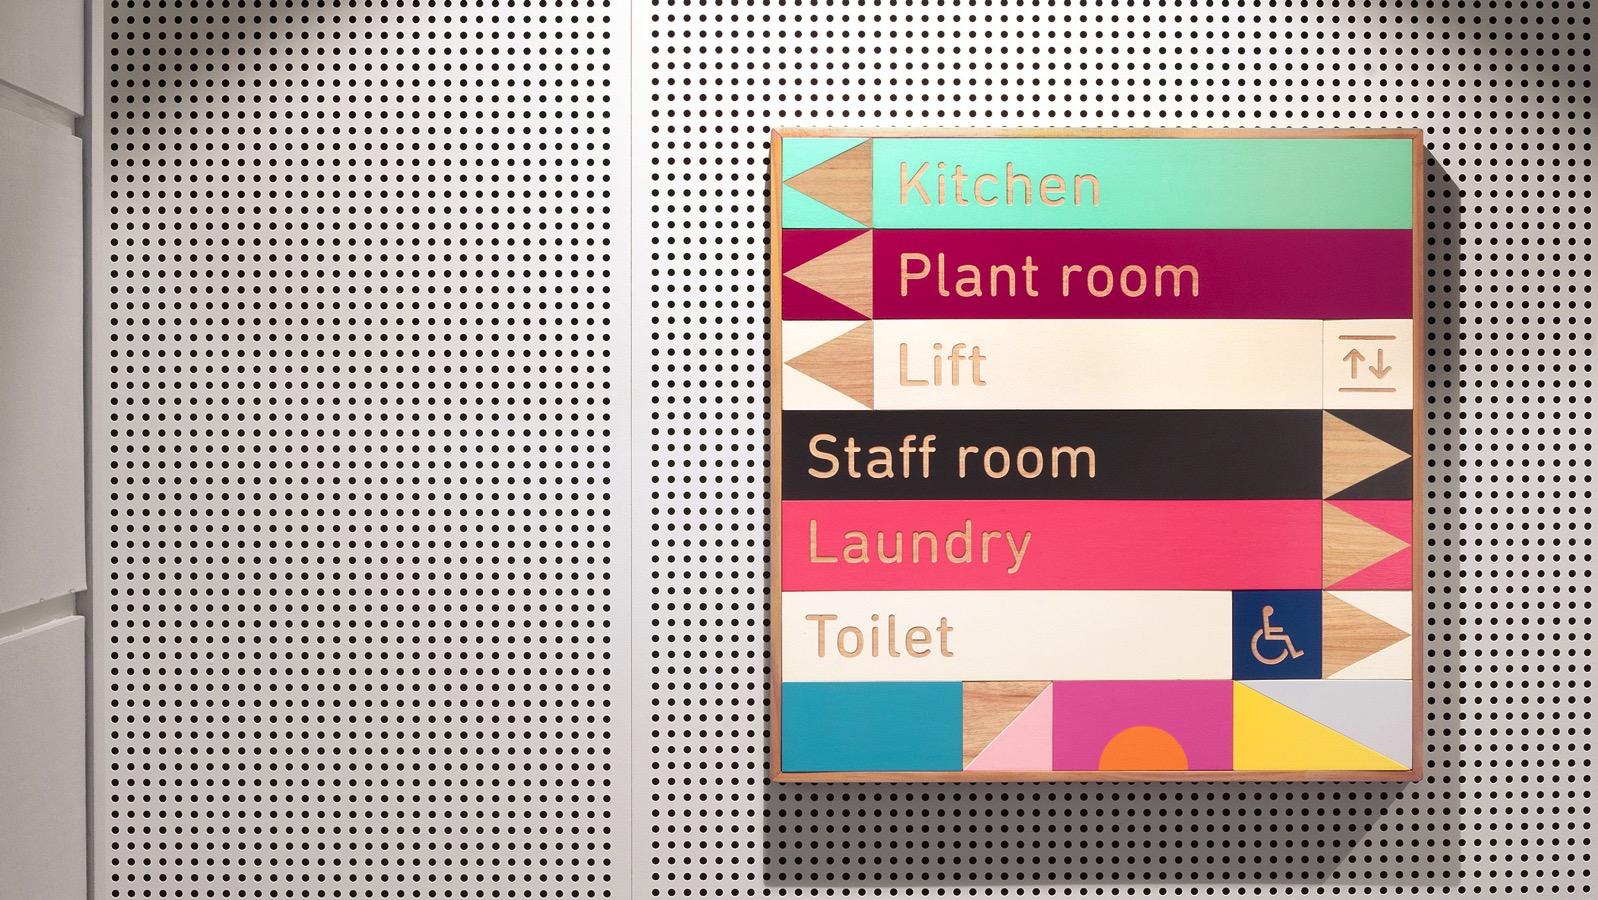 Building blocks toko design graphics signage dezeen hero